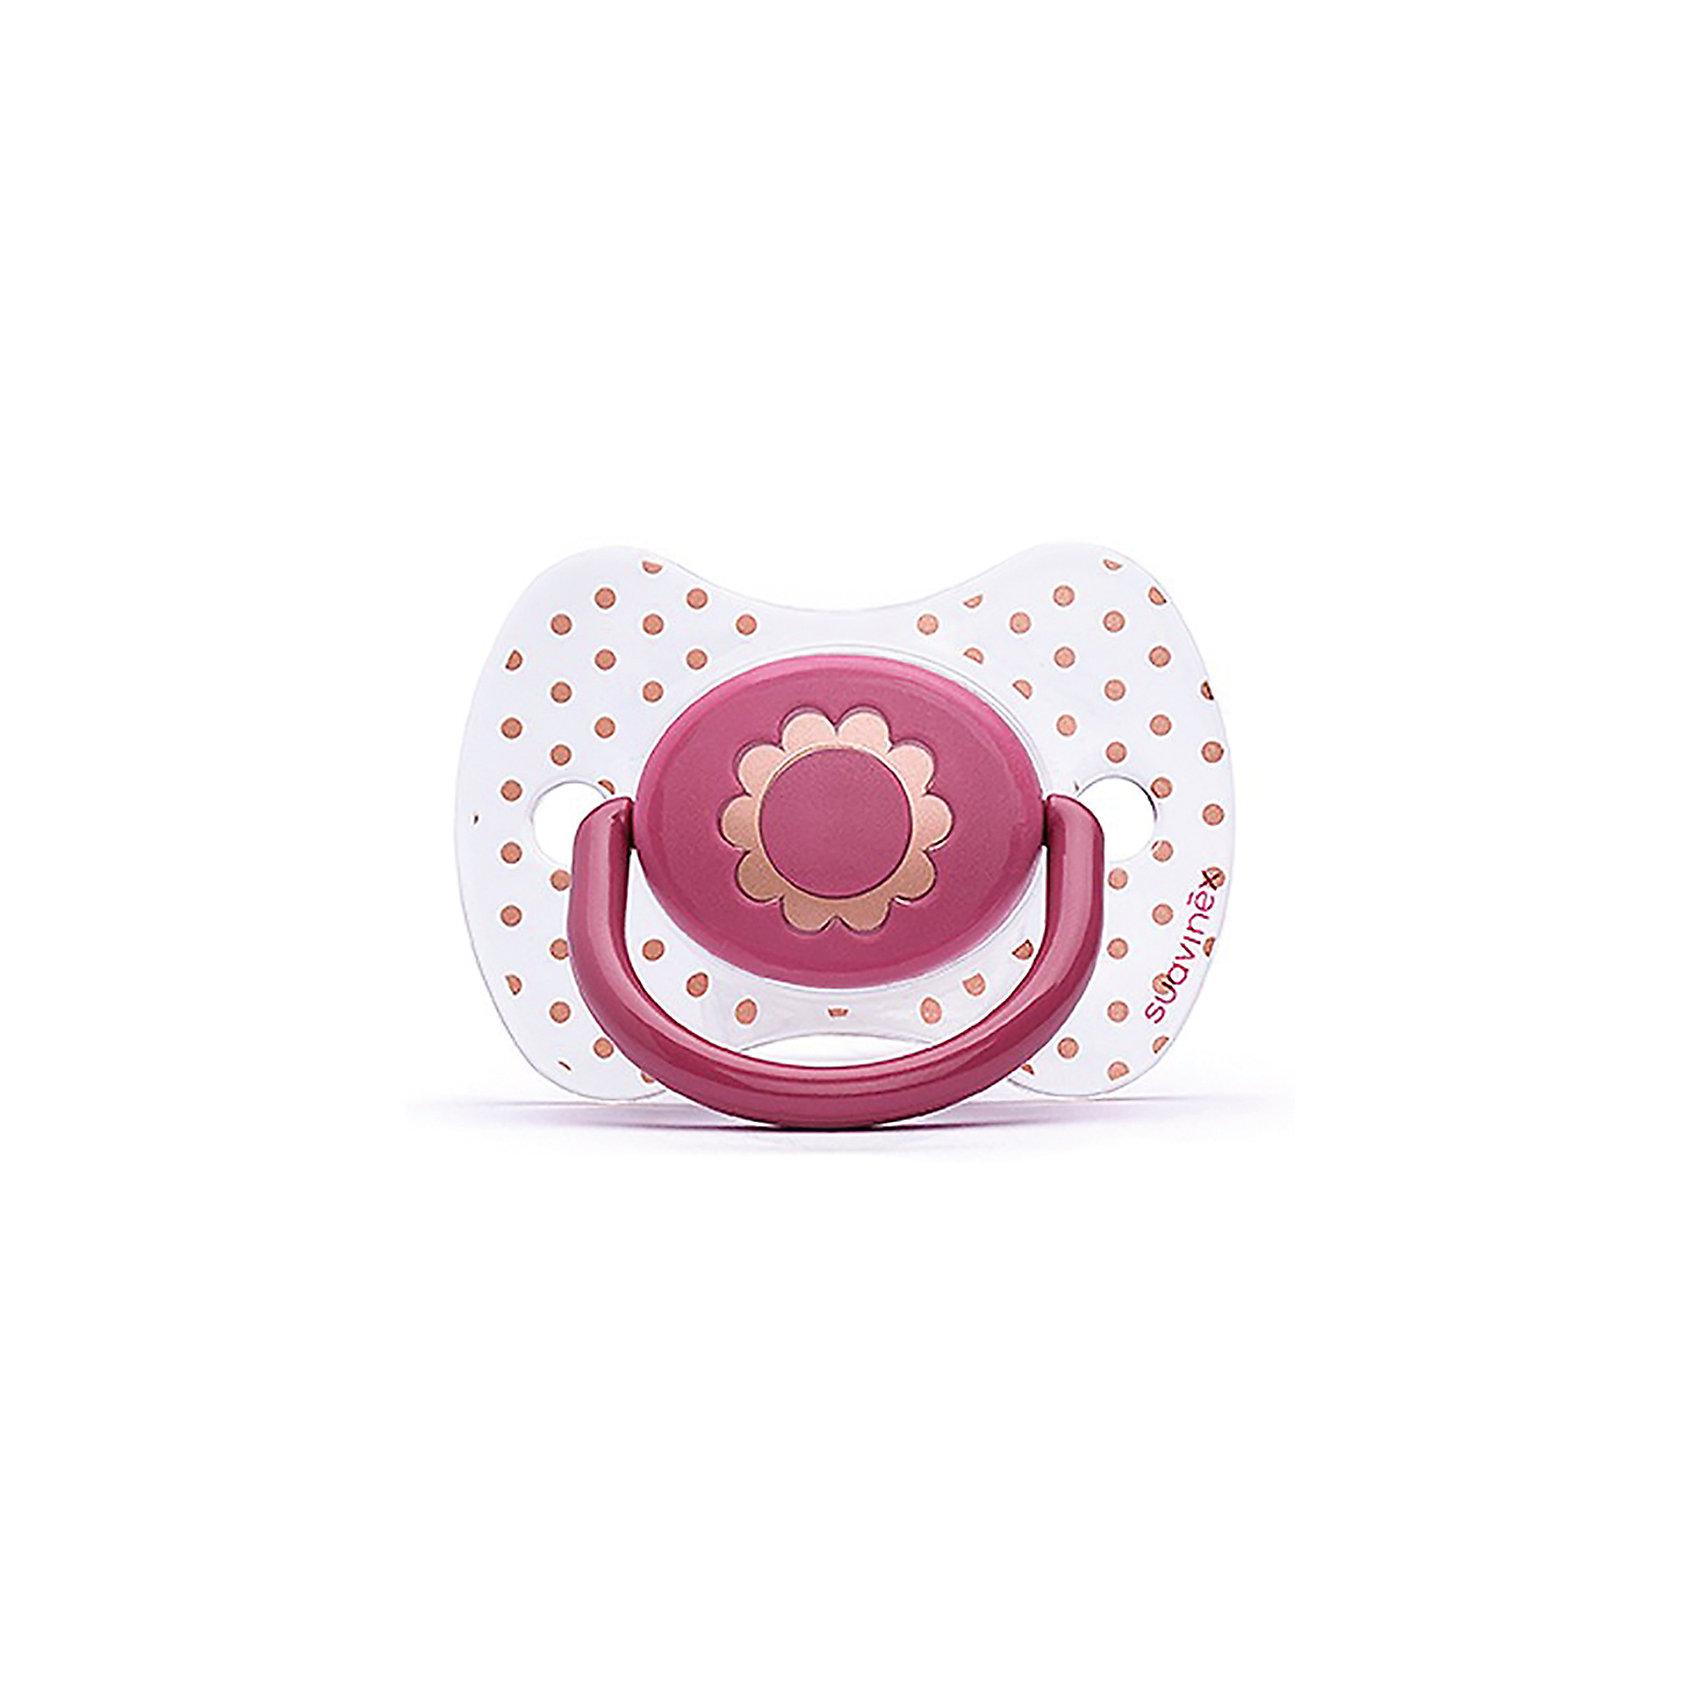 Пустышка силиконовая Haute Couture, от 12 мес, Suavinex, розовый  цветокПустышки и аксессуары<br>Характеристики:<br><br>• Наименование: пустышка<br>• Рекомендуемый возраст: от 4 месяцев<br>• Пол: для девочки<br>• Материал: силикон, пластик<br>• Цвет: розовый, белый, золотистый<br>• Рисунок: цветы, горошинки<br>• Форма: физиологическая<br>• Наличие вентиляционных отверстий <br>• Кольцо для держателя<br>• С эффектом позолоты<br>• Вес: 31 г<br>• Параметры (Д*Ш*В): 6,1*6,1*9,1 см <br>• Особенности ухода: можно мыть в теплой воде, регулярная стерилизация <br><br>Пустышка Haute Couture от 4 мес, Suavinex, розовый цветок изготовлена испанским торговым брендом, специализирующимся на выпуске товаров для кормления и аксессуаров новорожденным и младенцам. Продукция от Suavinex разработана с учетом рекомендаций педиатров и стоматологов, что гарантирует качество и безопасность использованных материалов. <br><br>Пластик, из которого изготовлено изделие, устойчив к появлению царапин и сколов, благодаря чему пустышка длительное время сохраняет свои гигиенические свойства. Форма у соски способствует равномерному распределению давления на небо, что обеспечивает правильное формирование речевого аппарата. <br><br>Пустышка имеет классическую форму, для прикрепления держателя предусмотрено кольцо. Изделие выполнено в брендовом дизайне, с изображением цветка. Рисунок с эффектом позолоты нанесен по инновационной технологии, которая обеспечивает стойкость рисунка даже при длительном использовании и частой стерилизации.<br><br>Пустышку Haute Couture от 4 мес, Suavinex, розовый цветок можно купить в нашем интернет-магазине.<br><br>Ширина мм: 61<br>Глубина мм: 61<br>Высота мм: 91<br>Вес г: 31<br>Возраст от месяцев: 12<br>Возраст до месяцев: 24<br>Пол: Женский<br>Возраст: Детский<br>SKU: 5451278